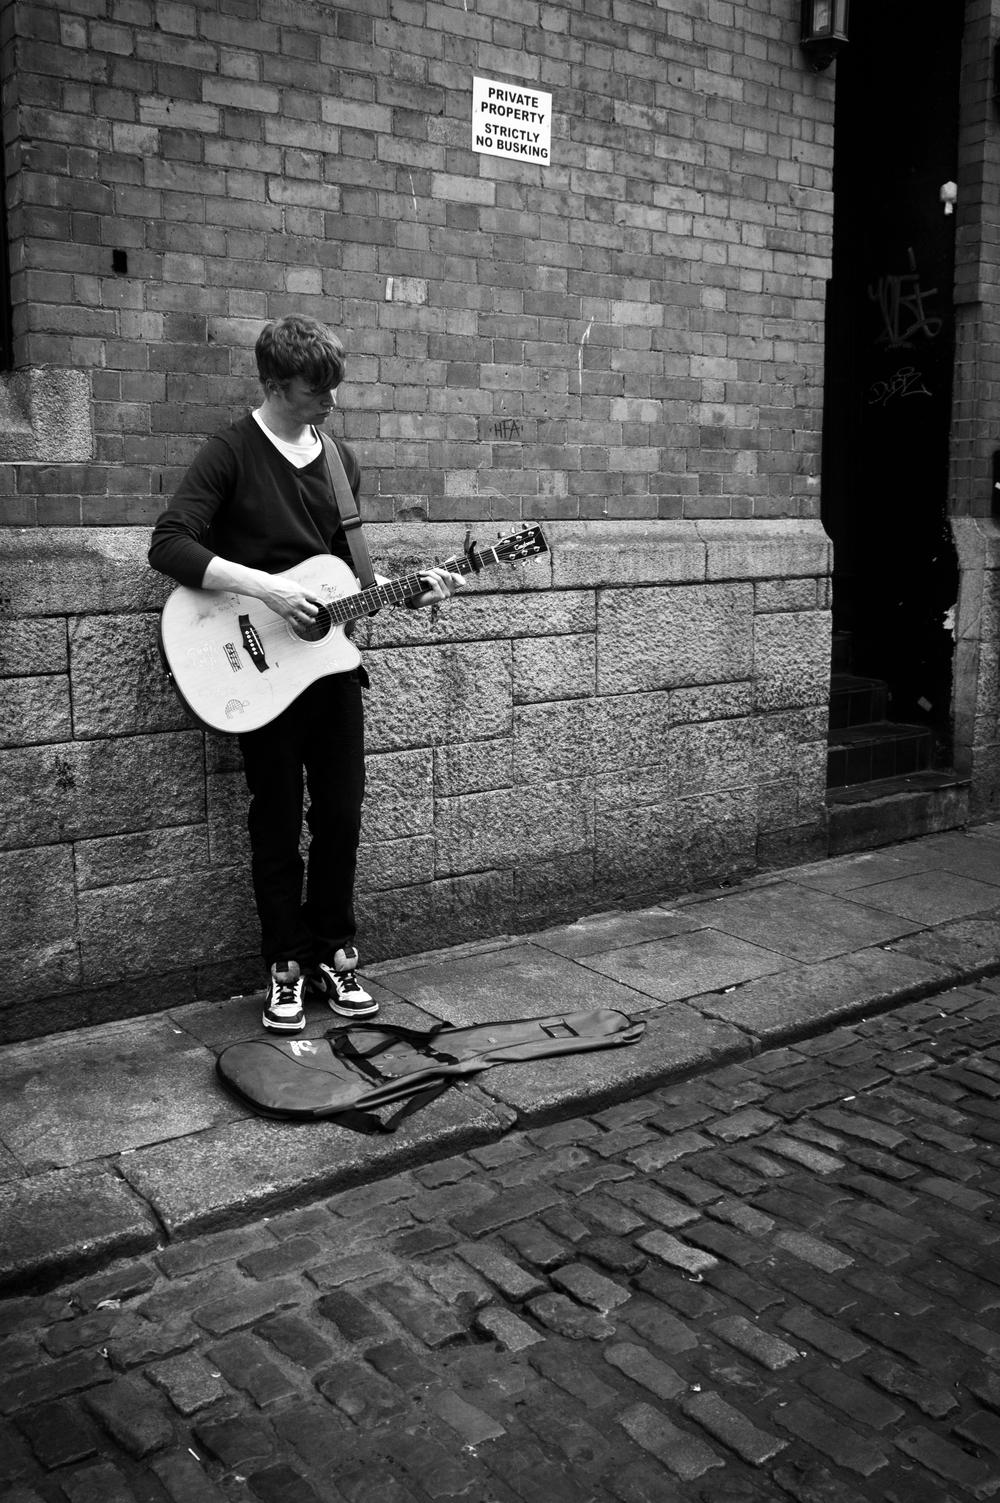 A busker in Dublin